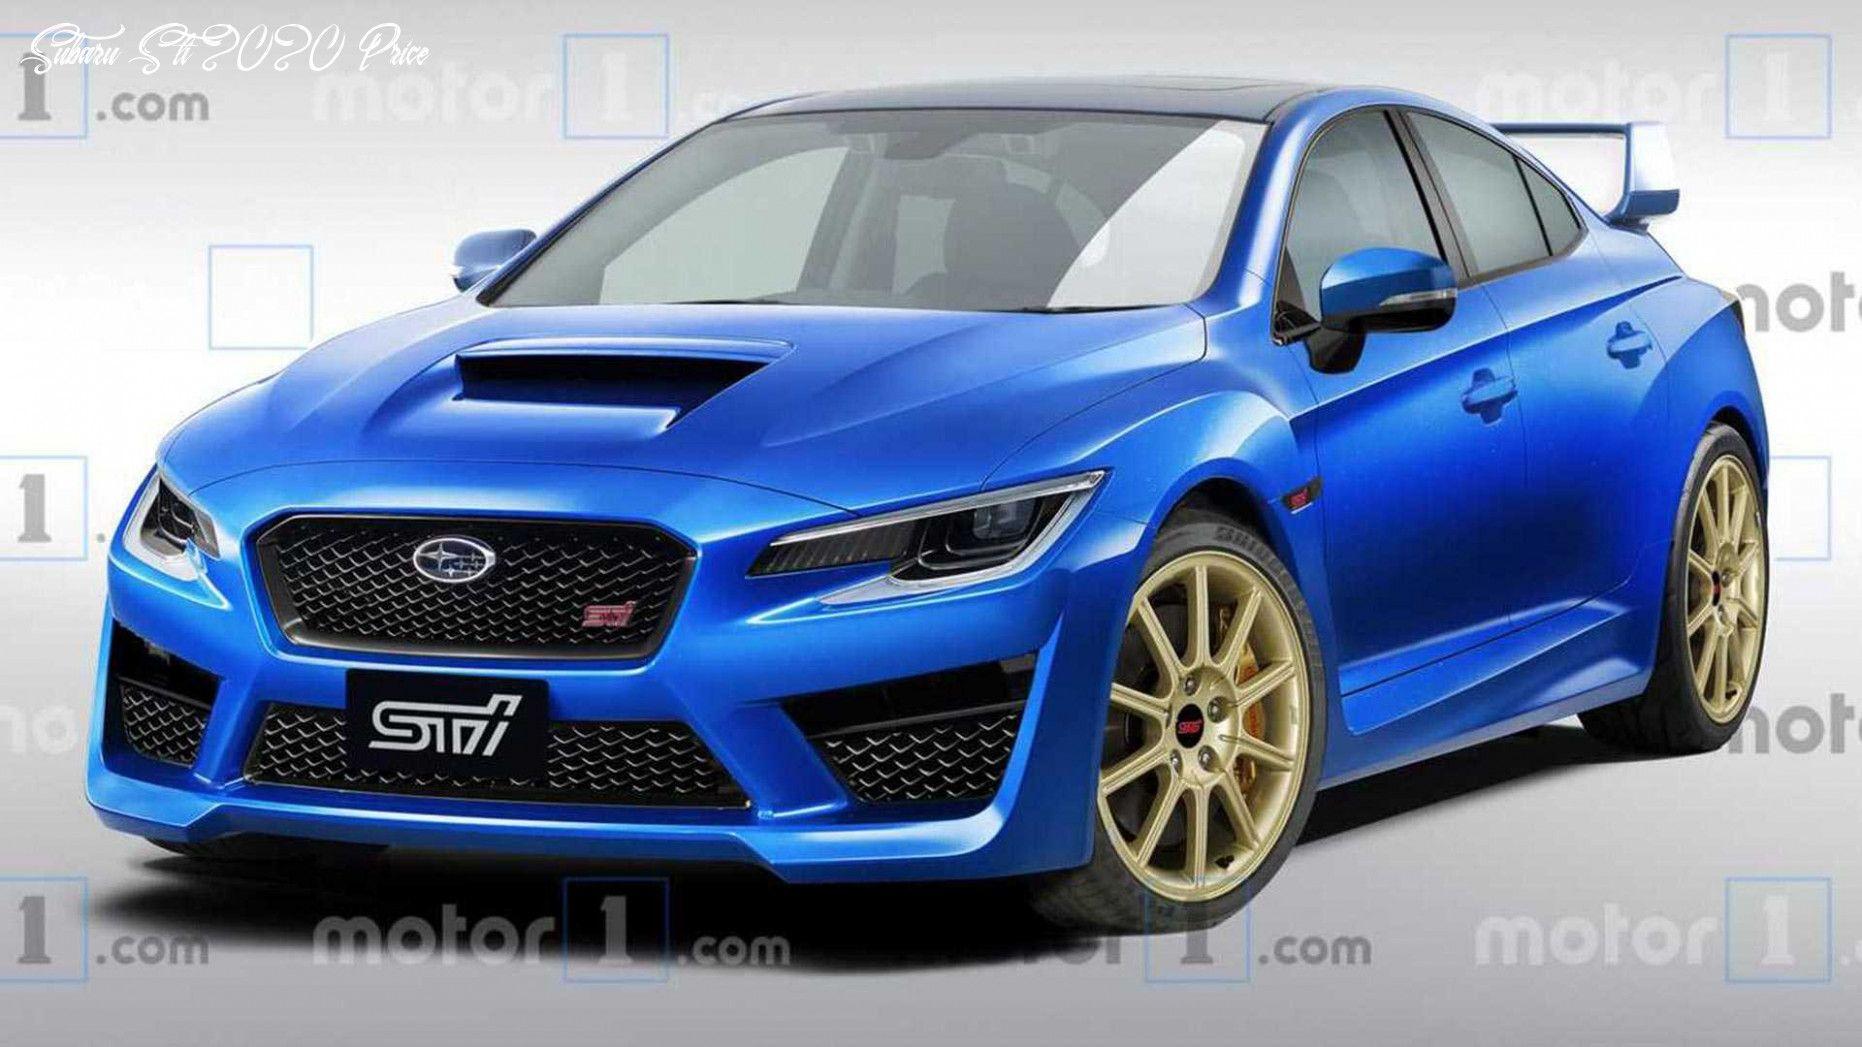 Subaru Sti 2020 Price Research New In 2020 Subaru Rally Sti Hatchback Subaru Wrx Sti Hatchback